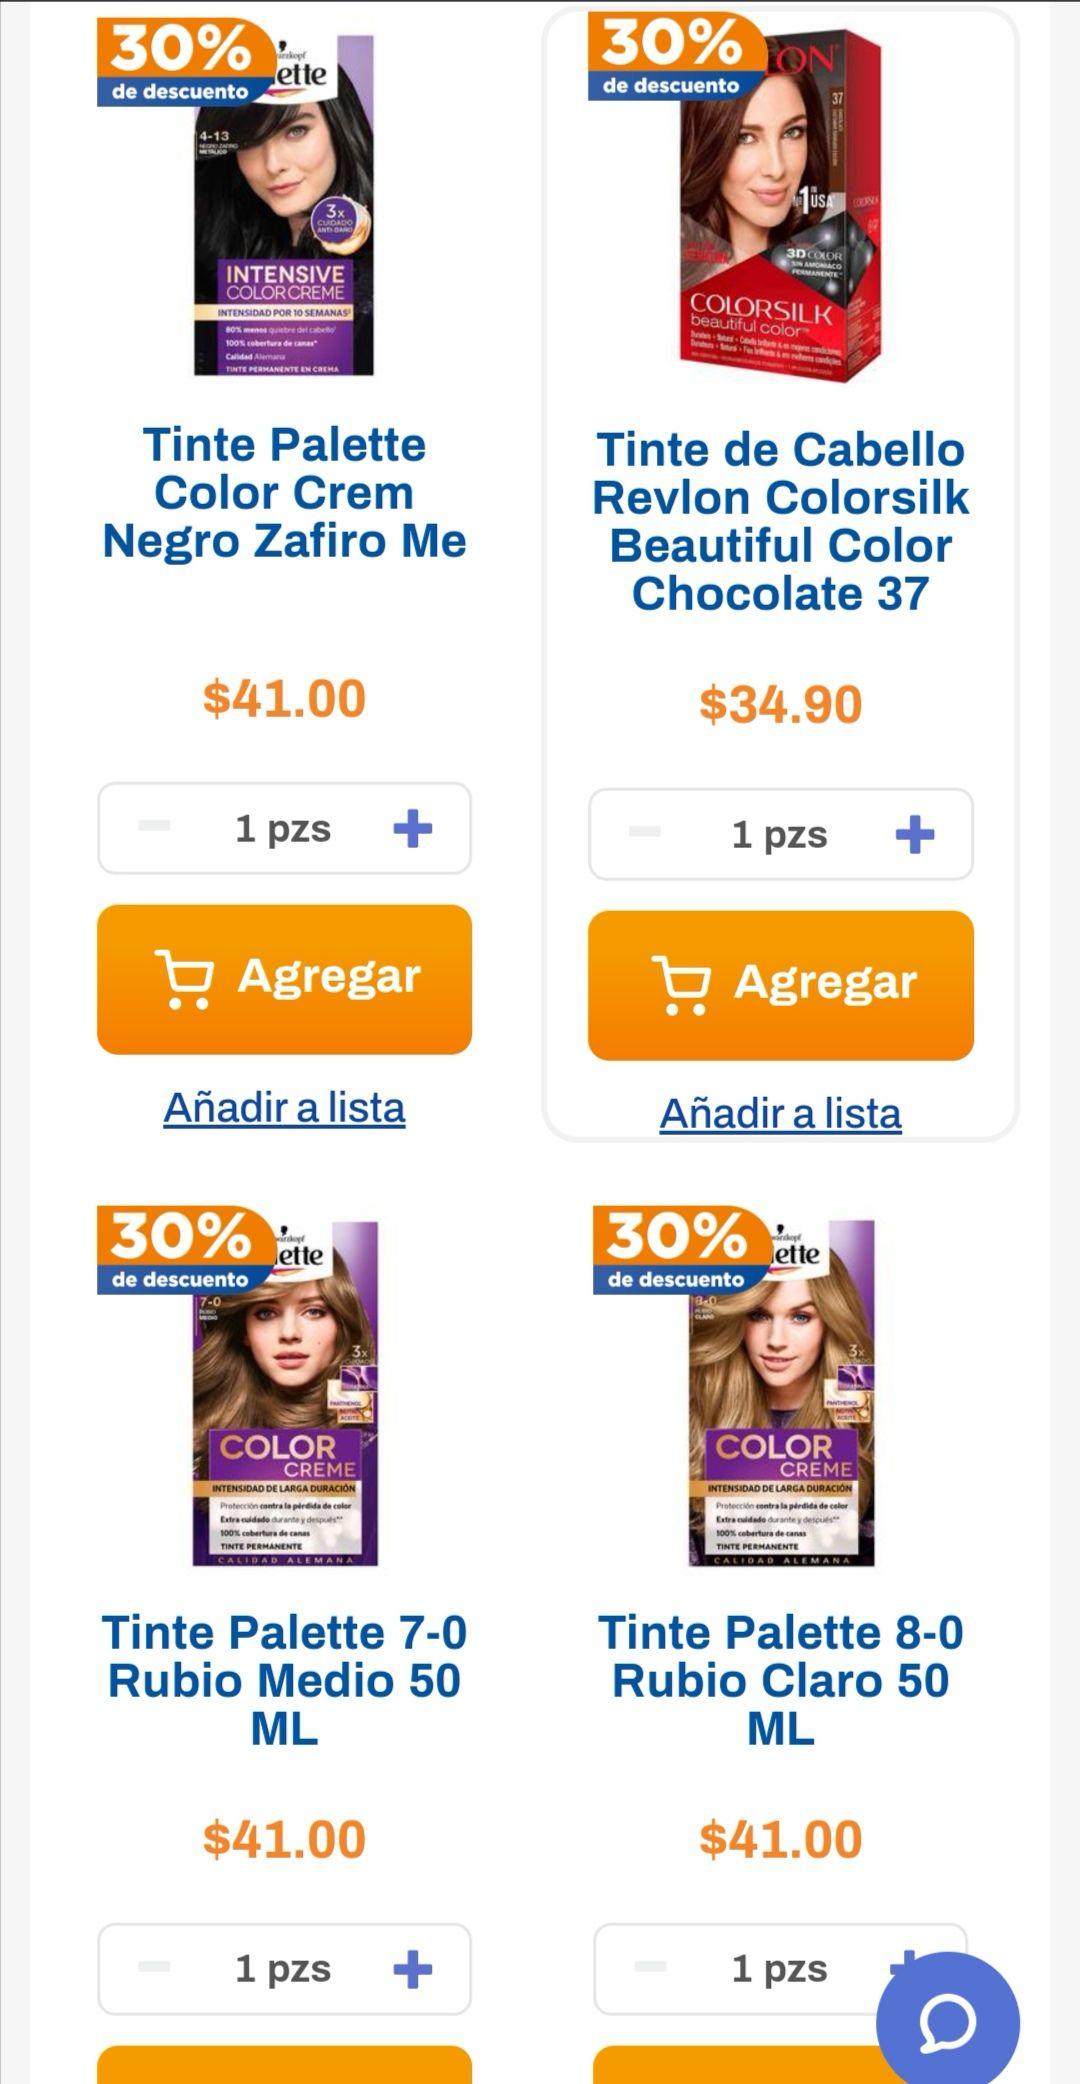 Chedraui: 30% de descuento en tintes Palette, Revlon, Colorsilk y Nutrint